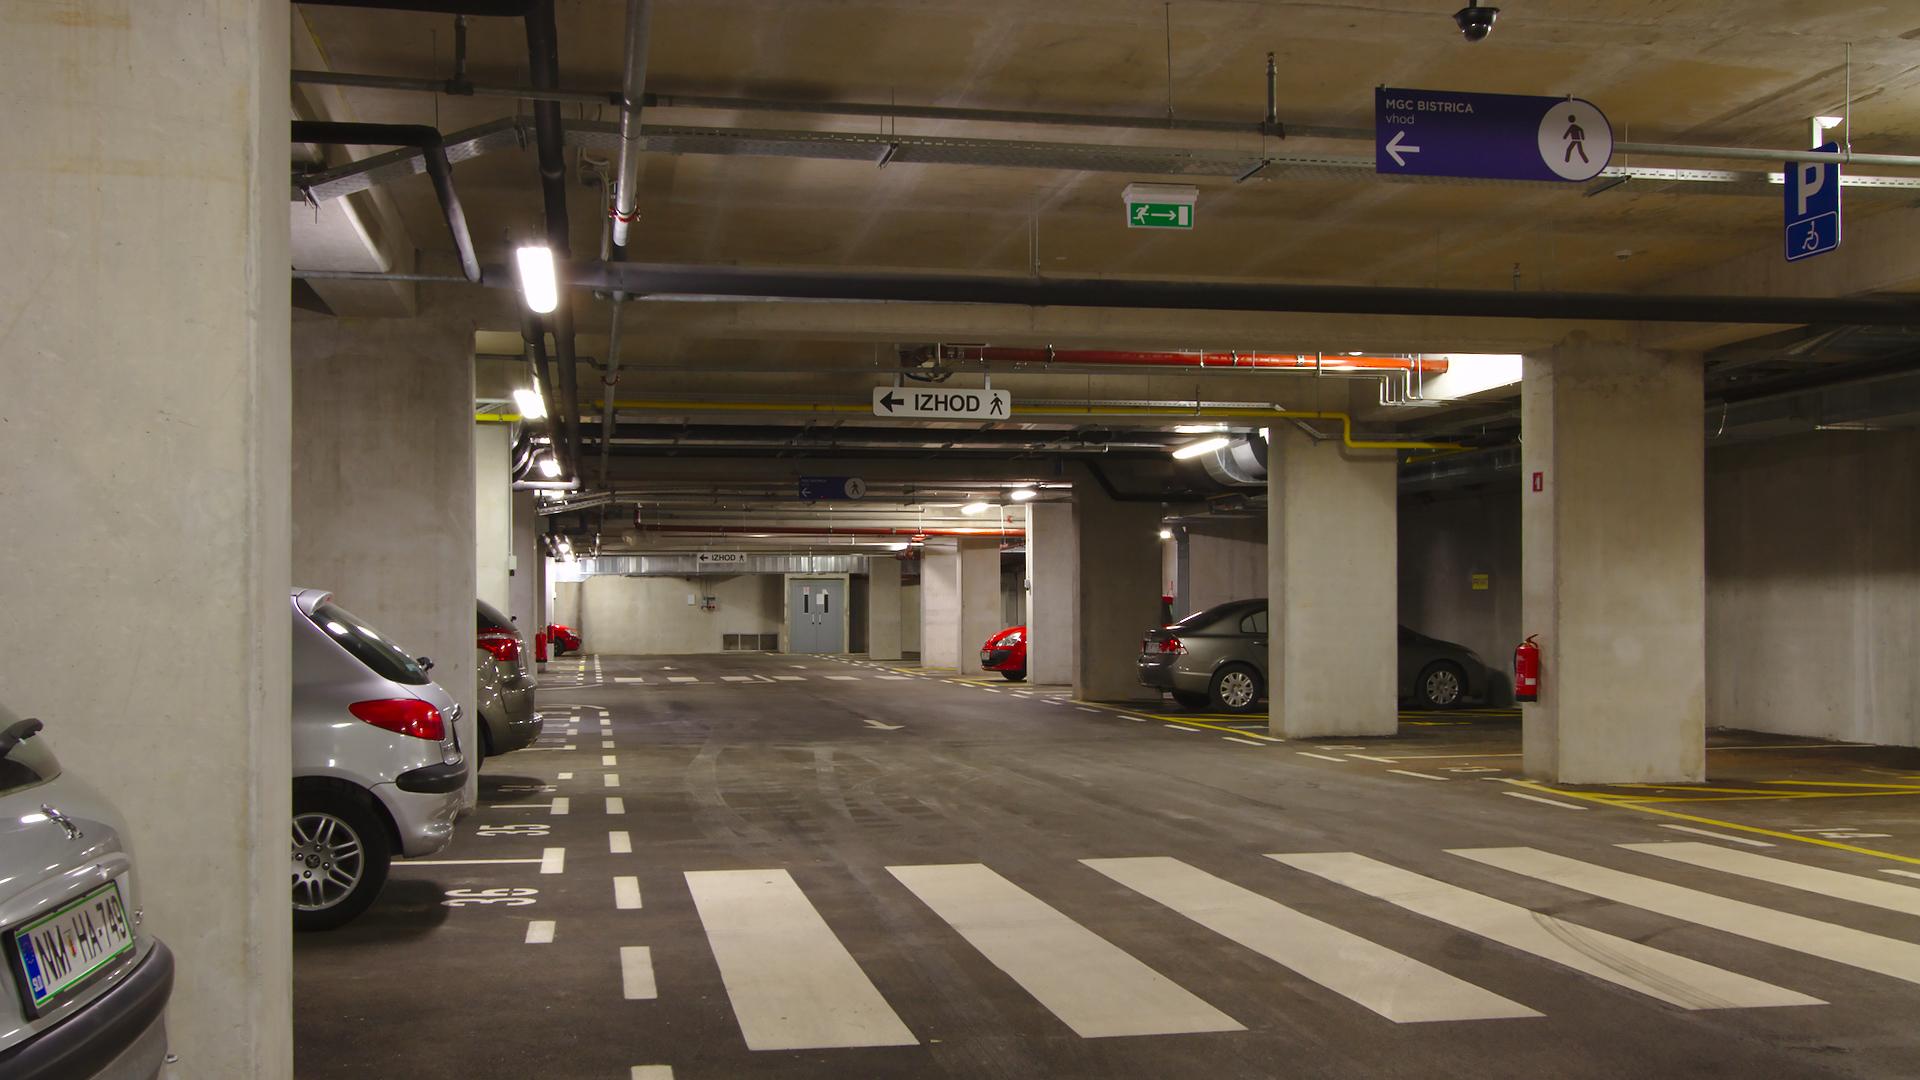 Parkirna mesta